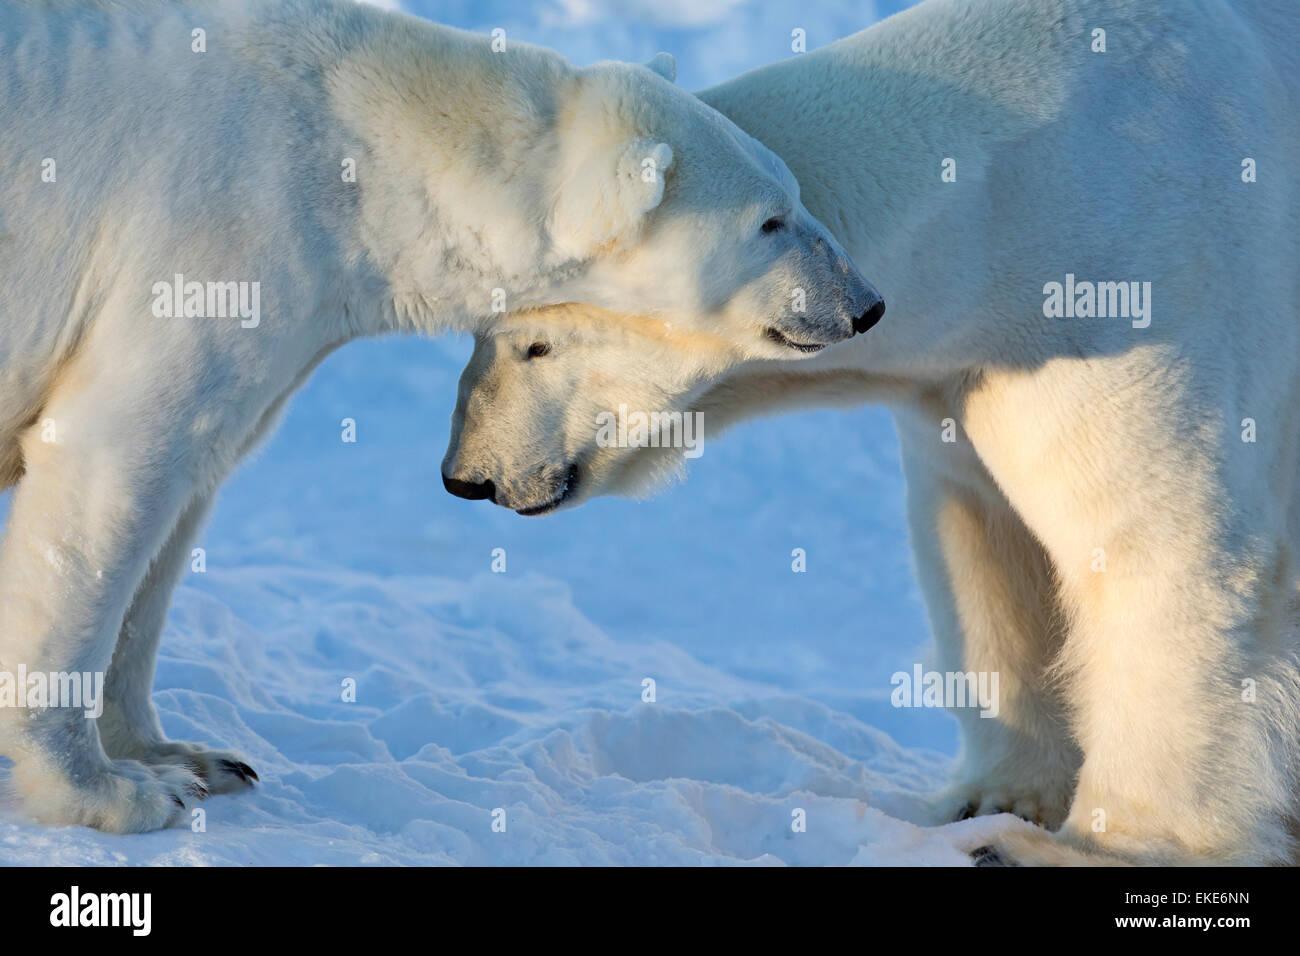 Orso polare (Ursus maritimus) maschio e femmina si riuniscono durante la stagione di accoppiamento Immagini Stock